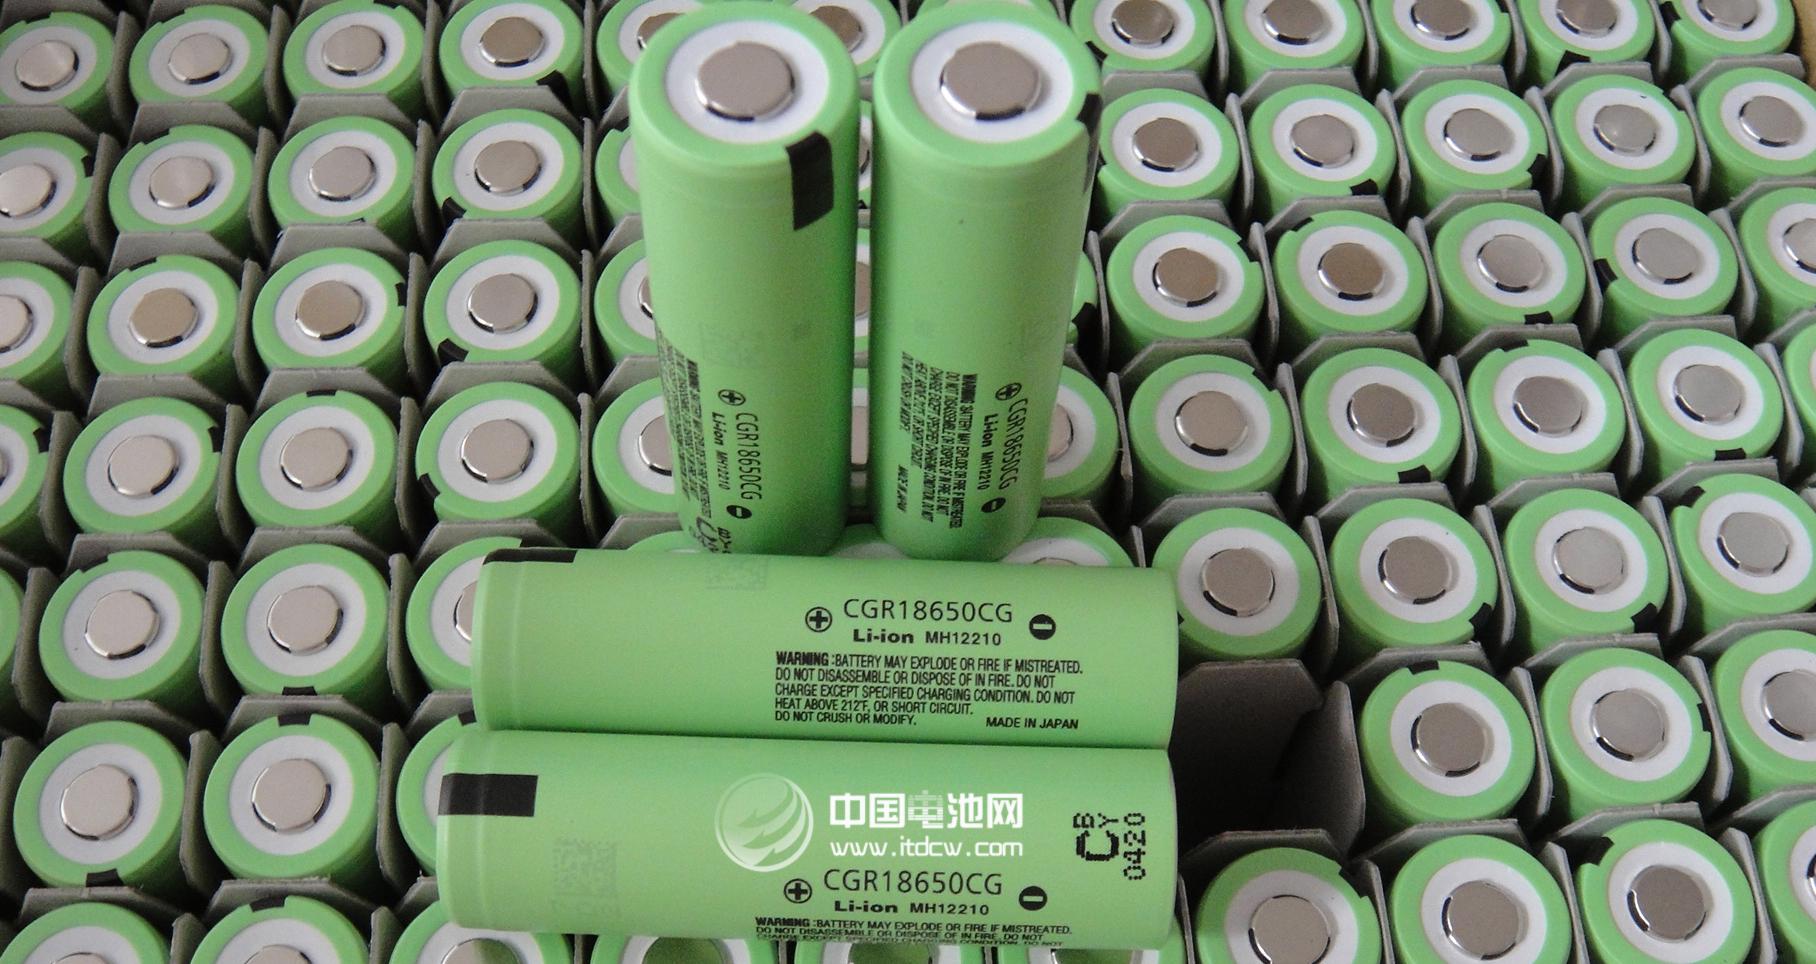 看好高性能湿法隔膜 绑定龙头电池企业的设备商